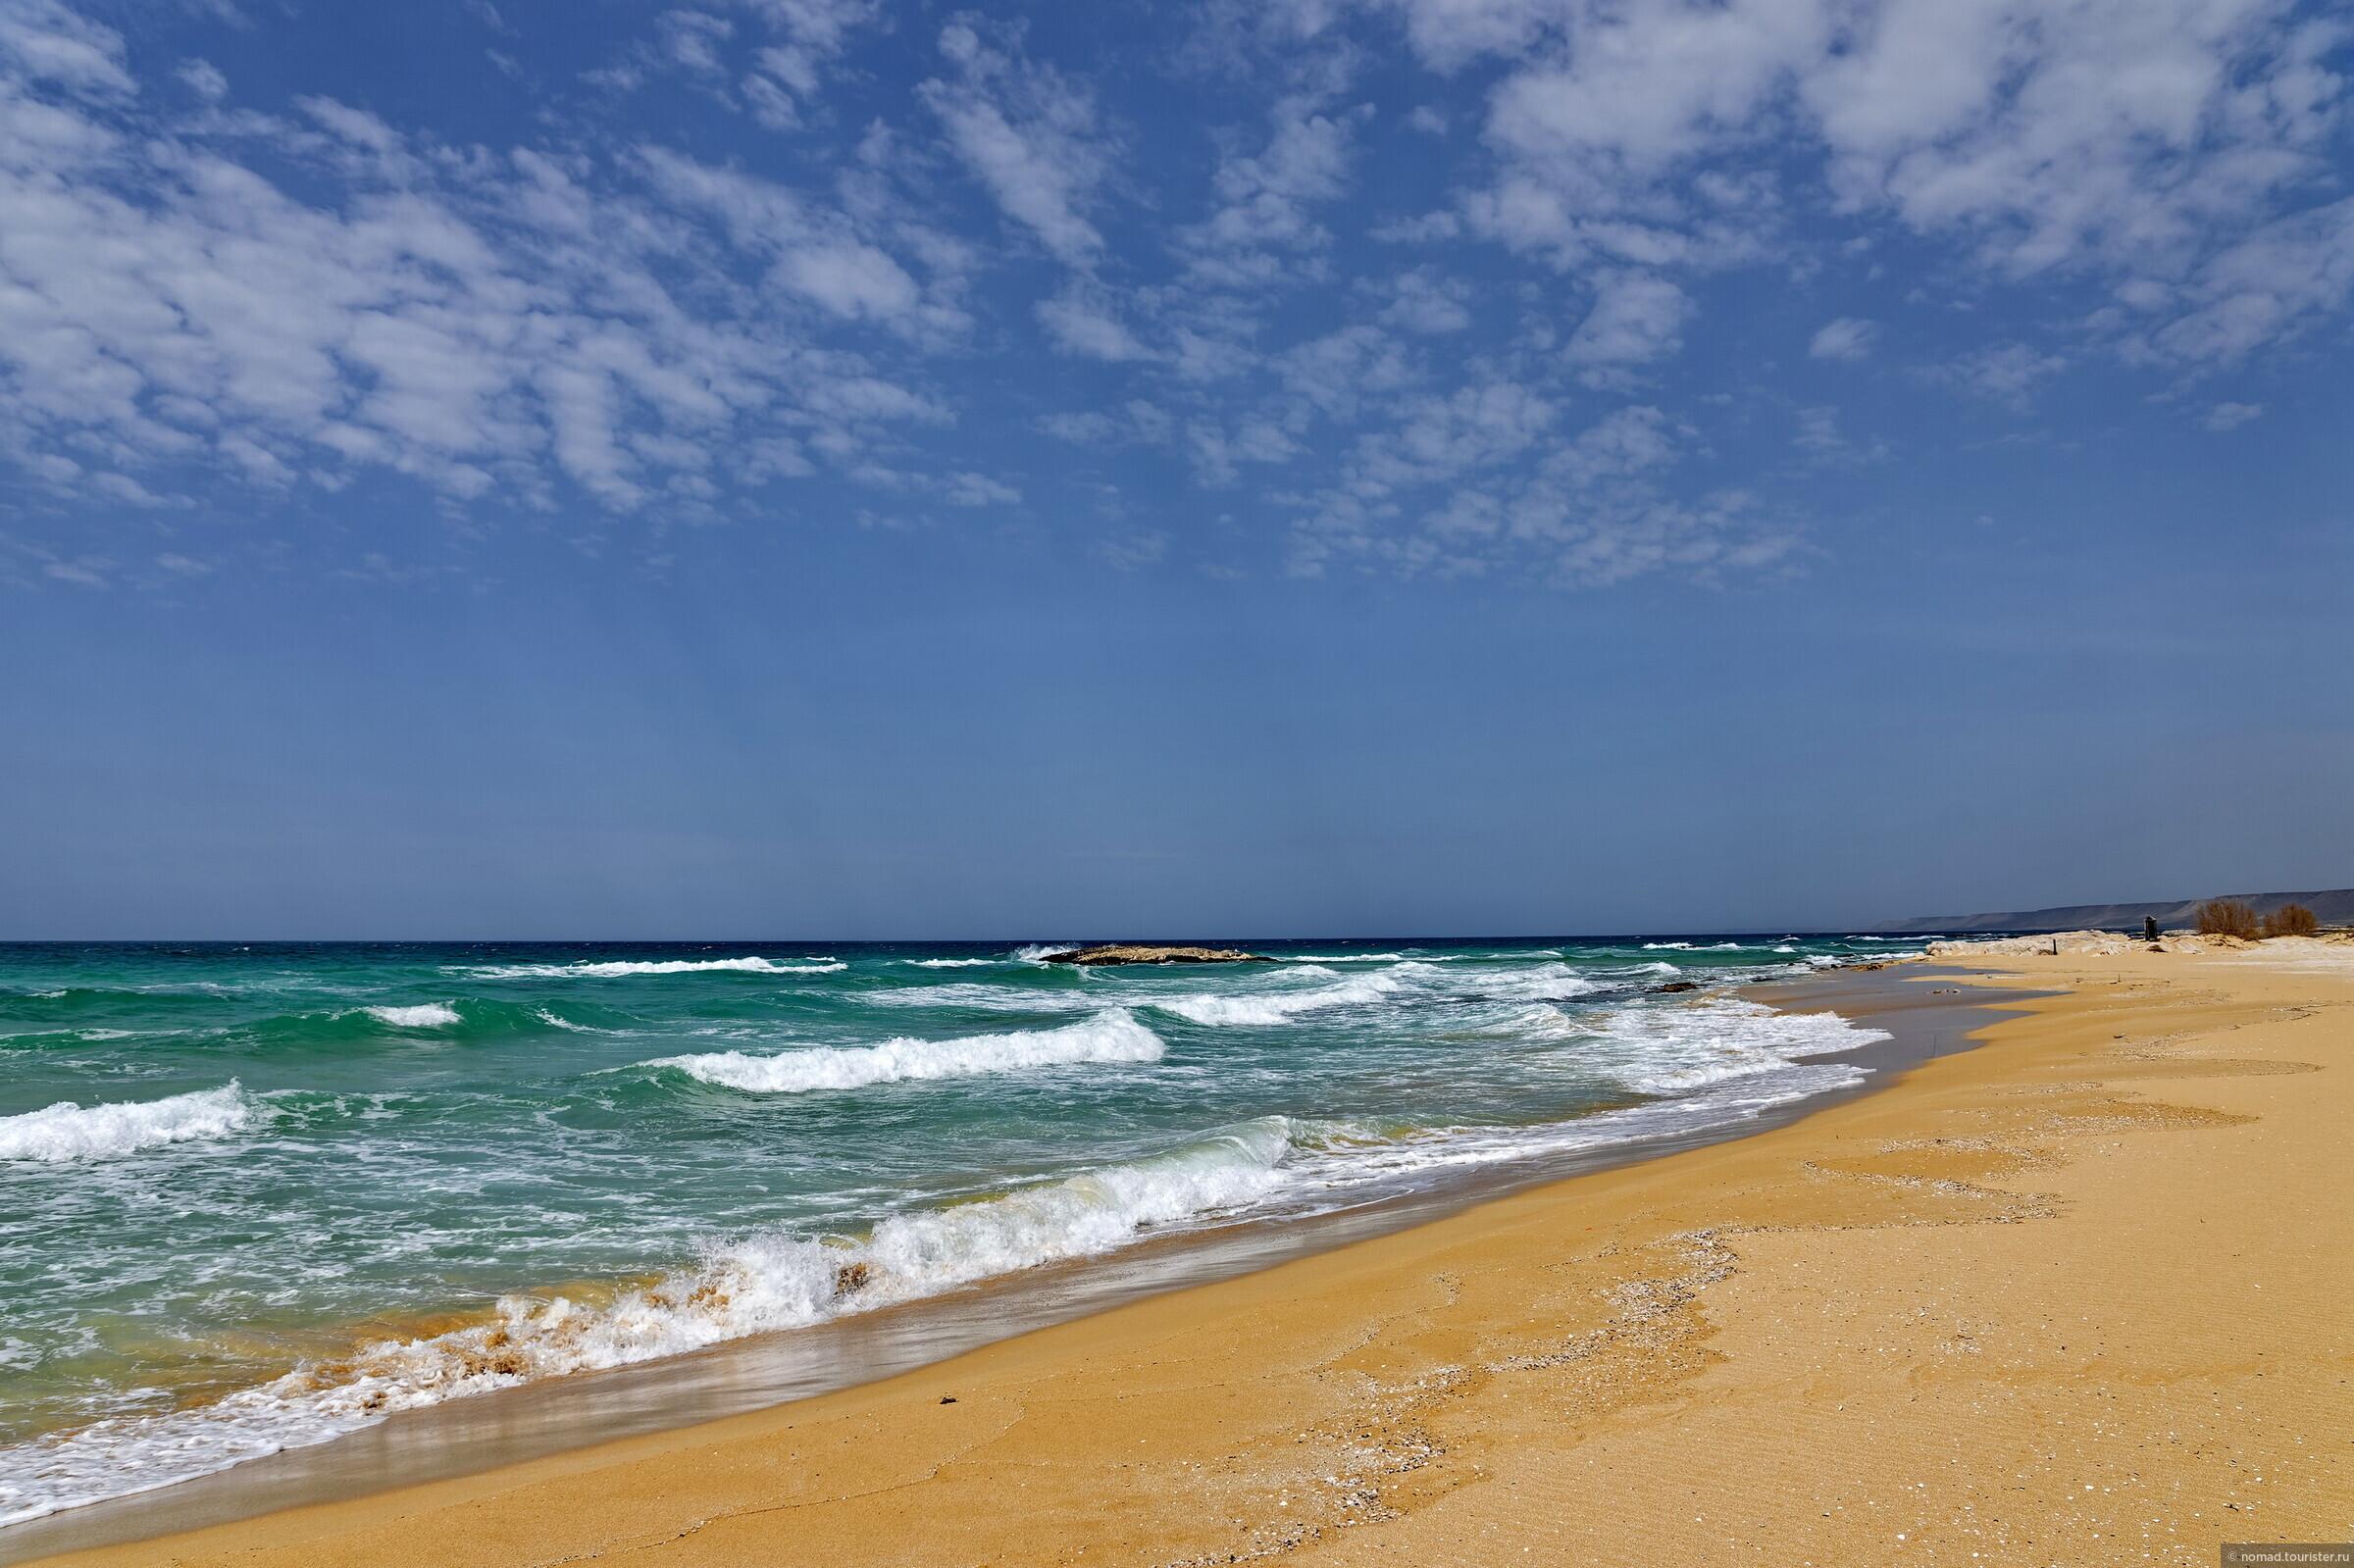 имеют как лучшие пляжи казахстана фото туристов одной